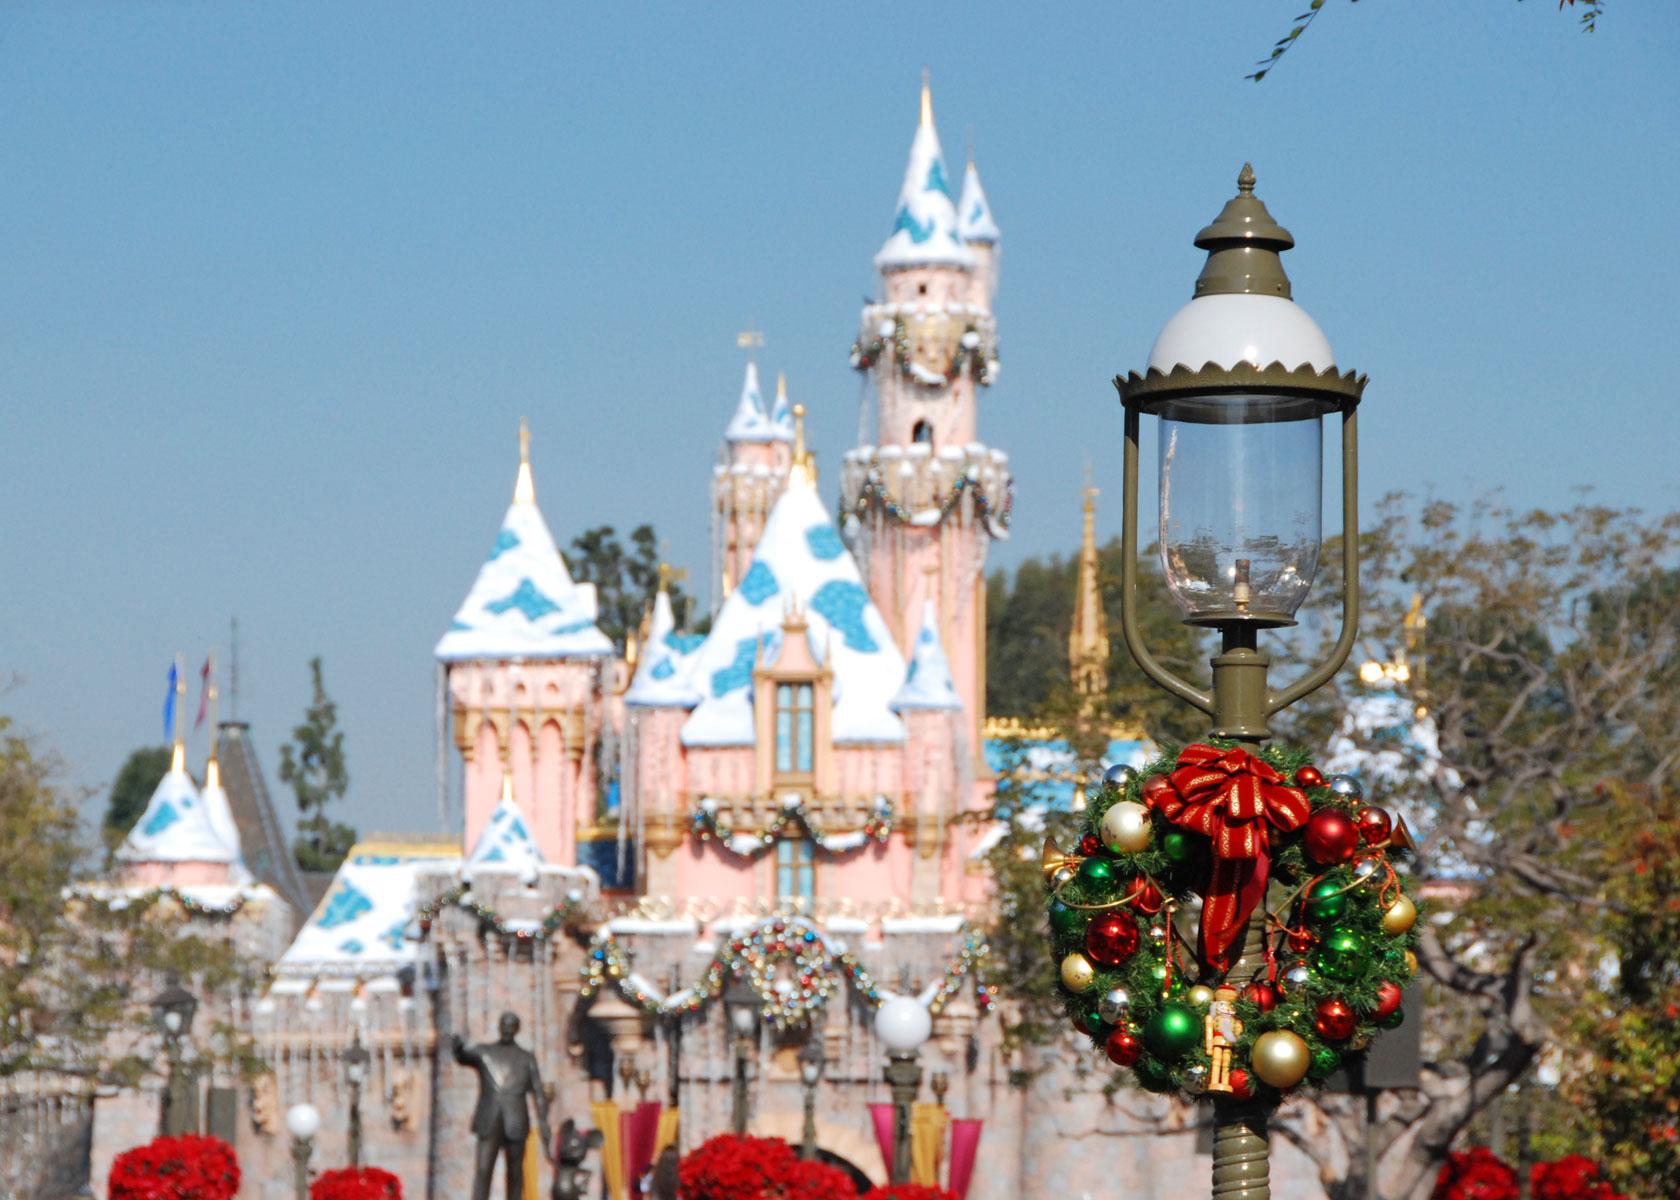 a - Disneyland Christmas Time